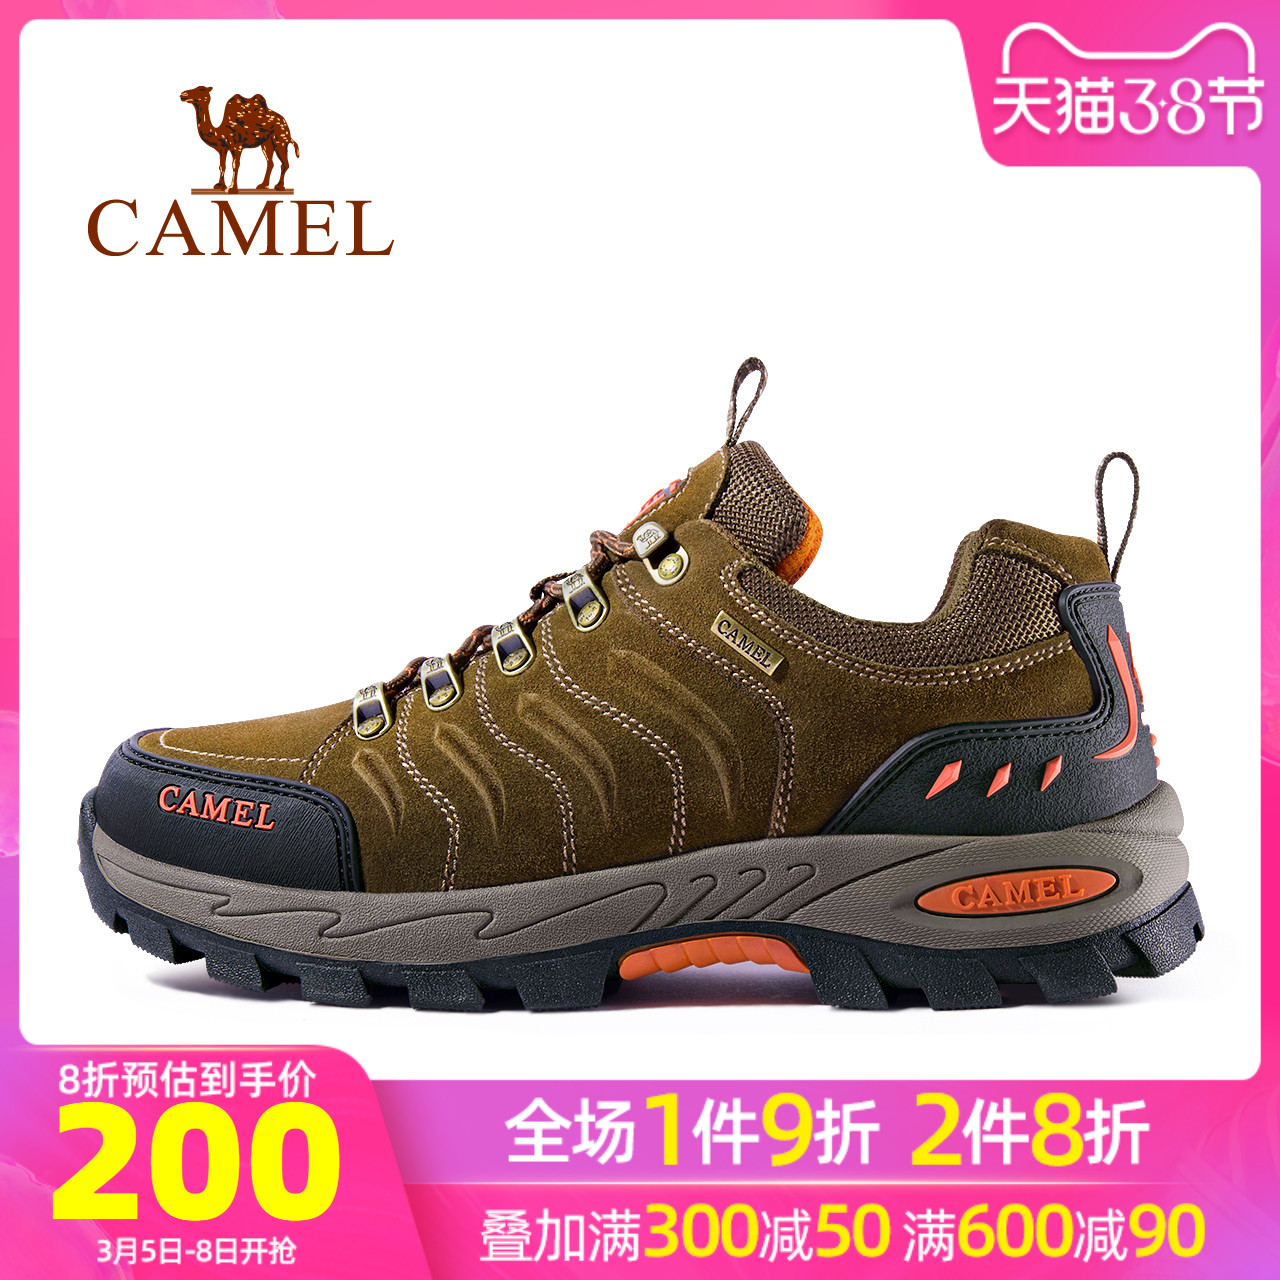 骆驼男鞋男女防水防滑耐磨低帮运动鞋沙漠旅行户外鞋徒步鞋登山鞋